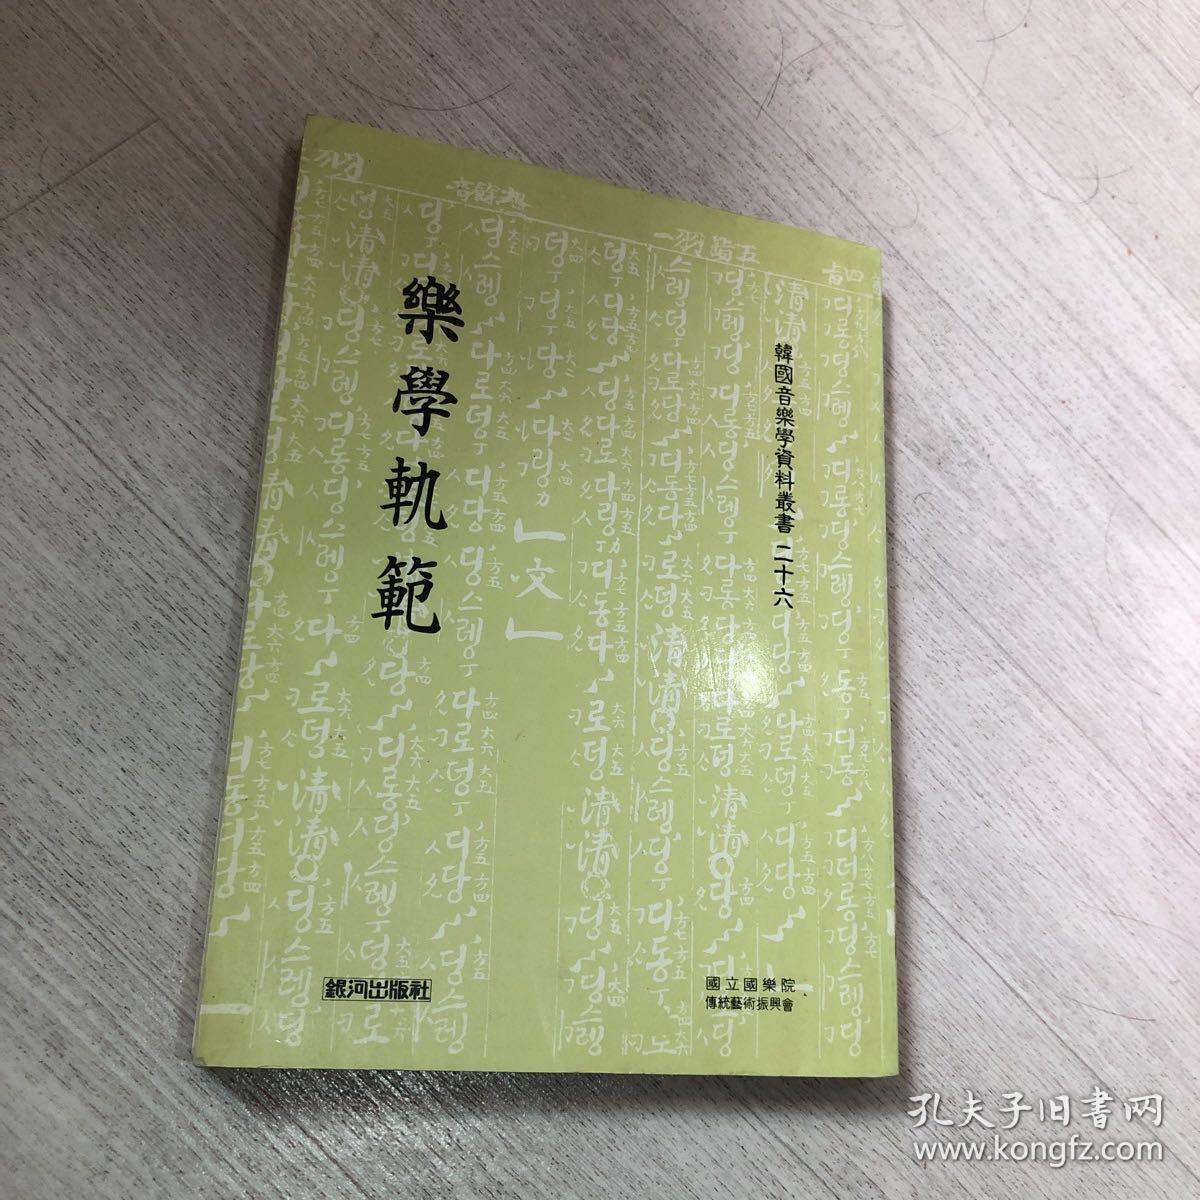 乐学轨范 卷1-9 一册 内容完整 汉字